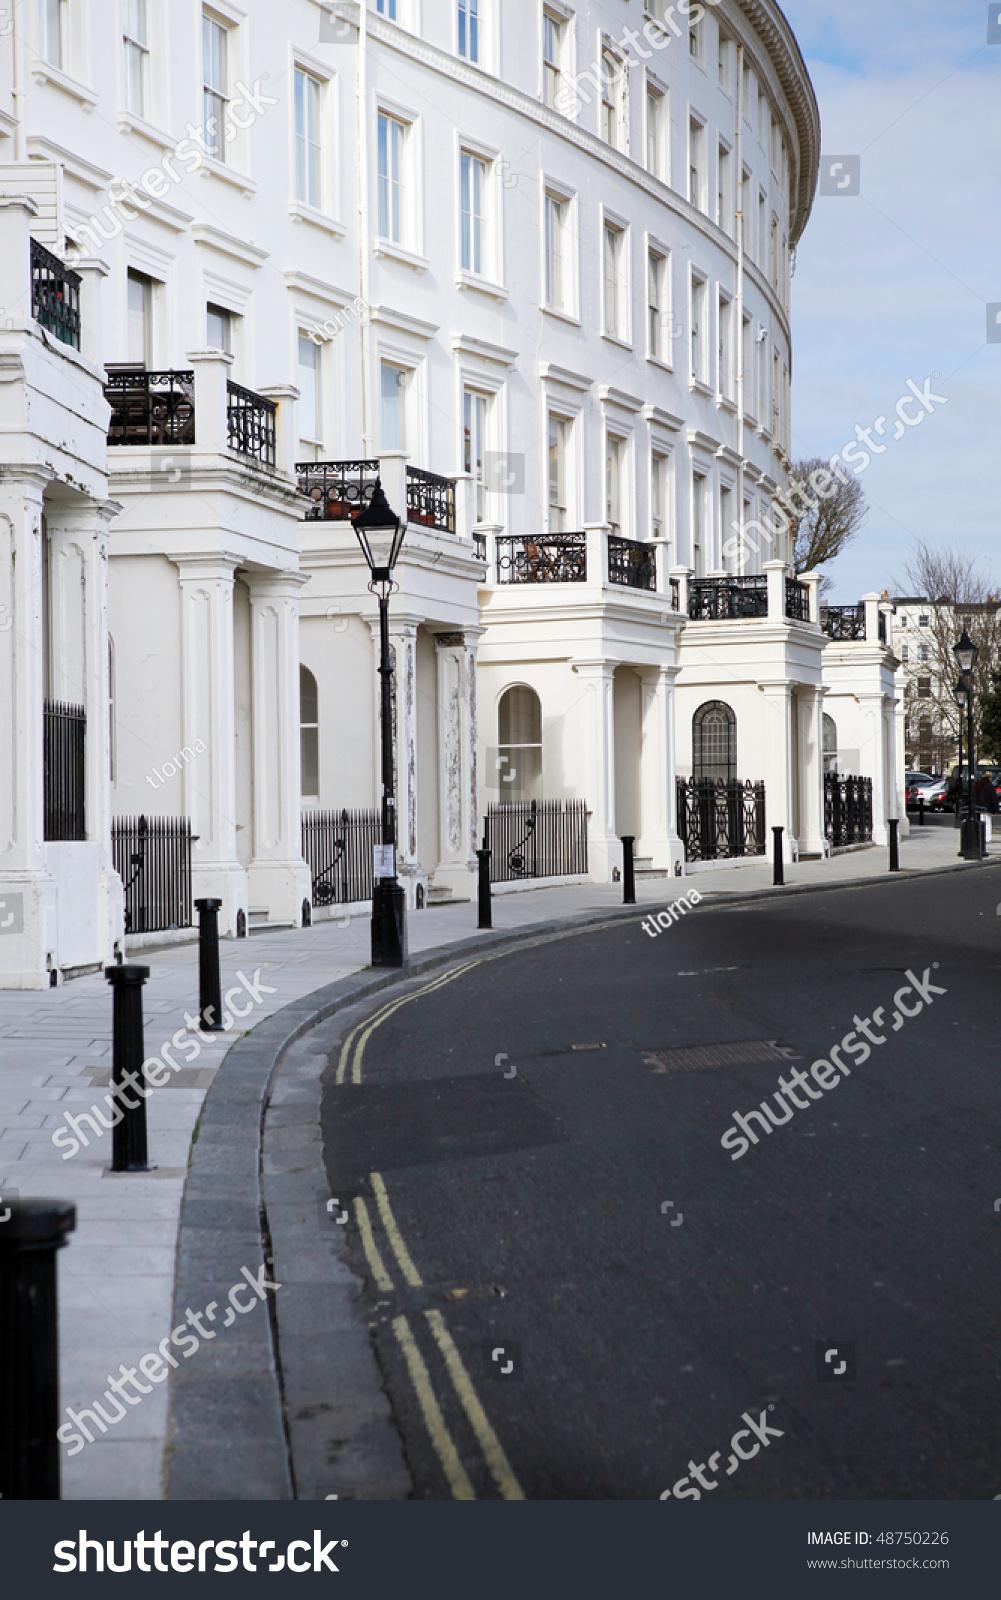 Sussex Square Crescent Apartments In Brighton England ...